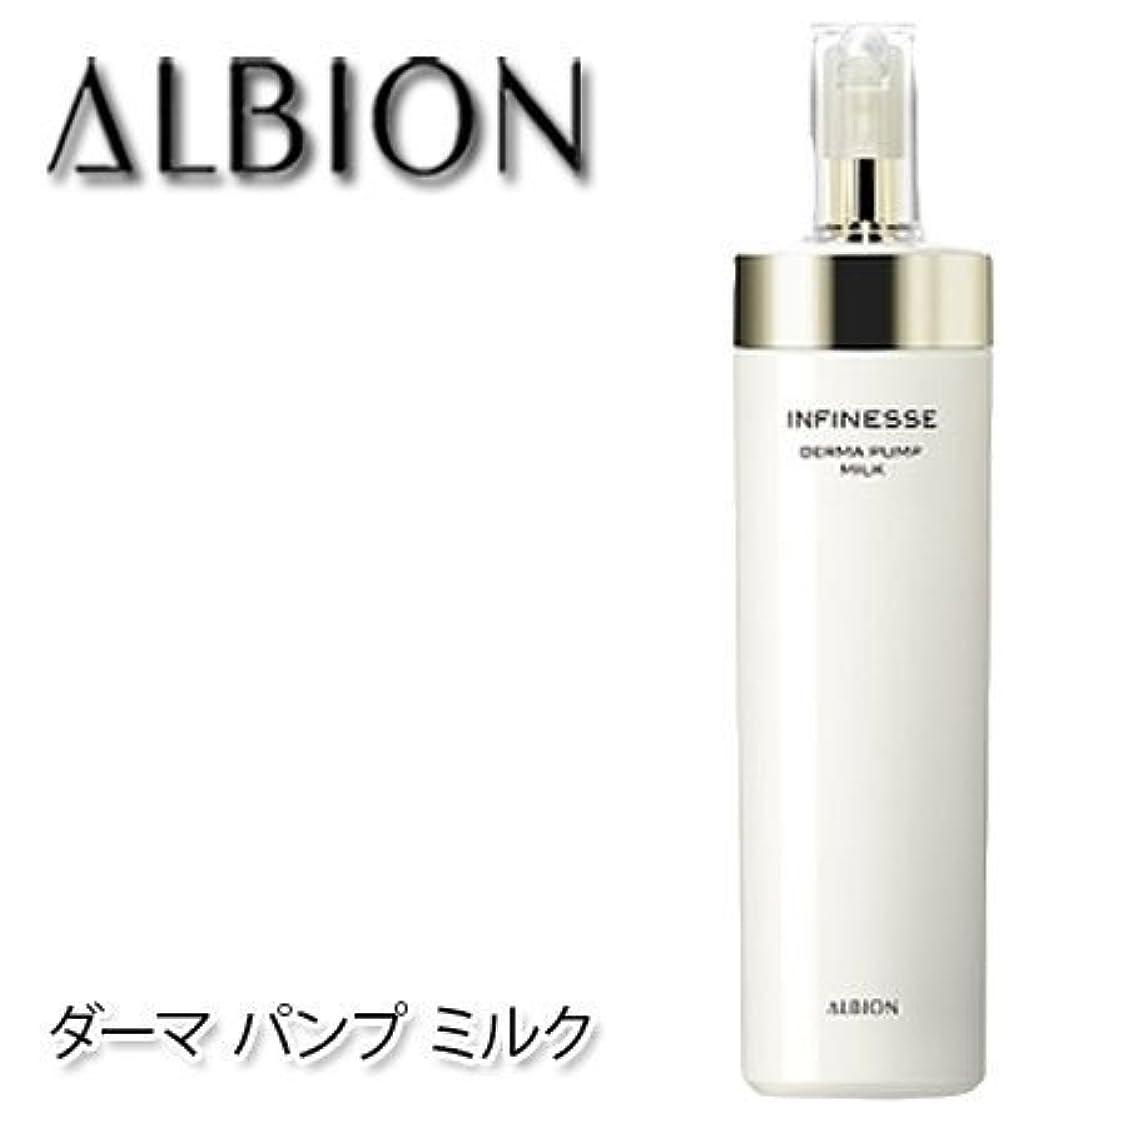 呪われたアブセイ協会アルビオン アンフィネス ダーマ パンプ ミルク 200g-ALBION-